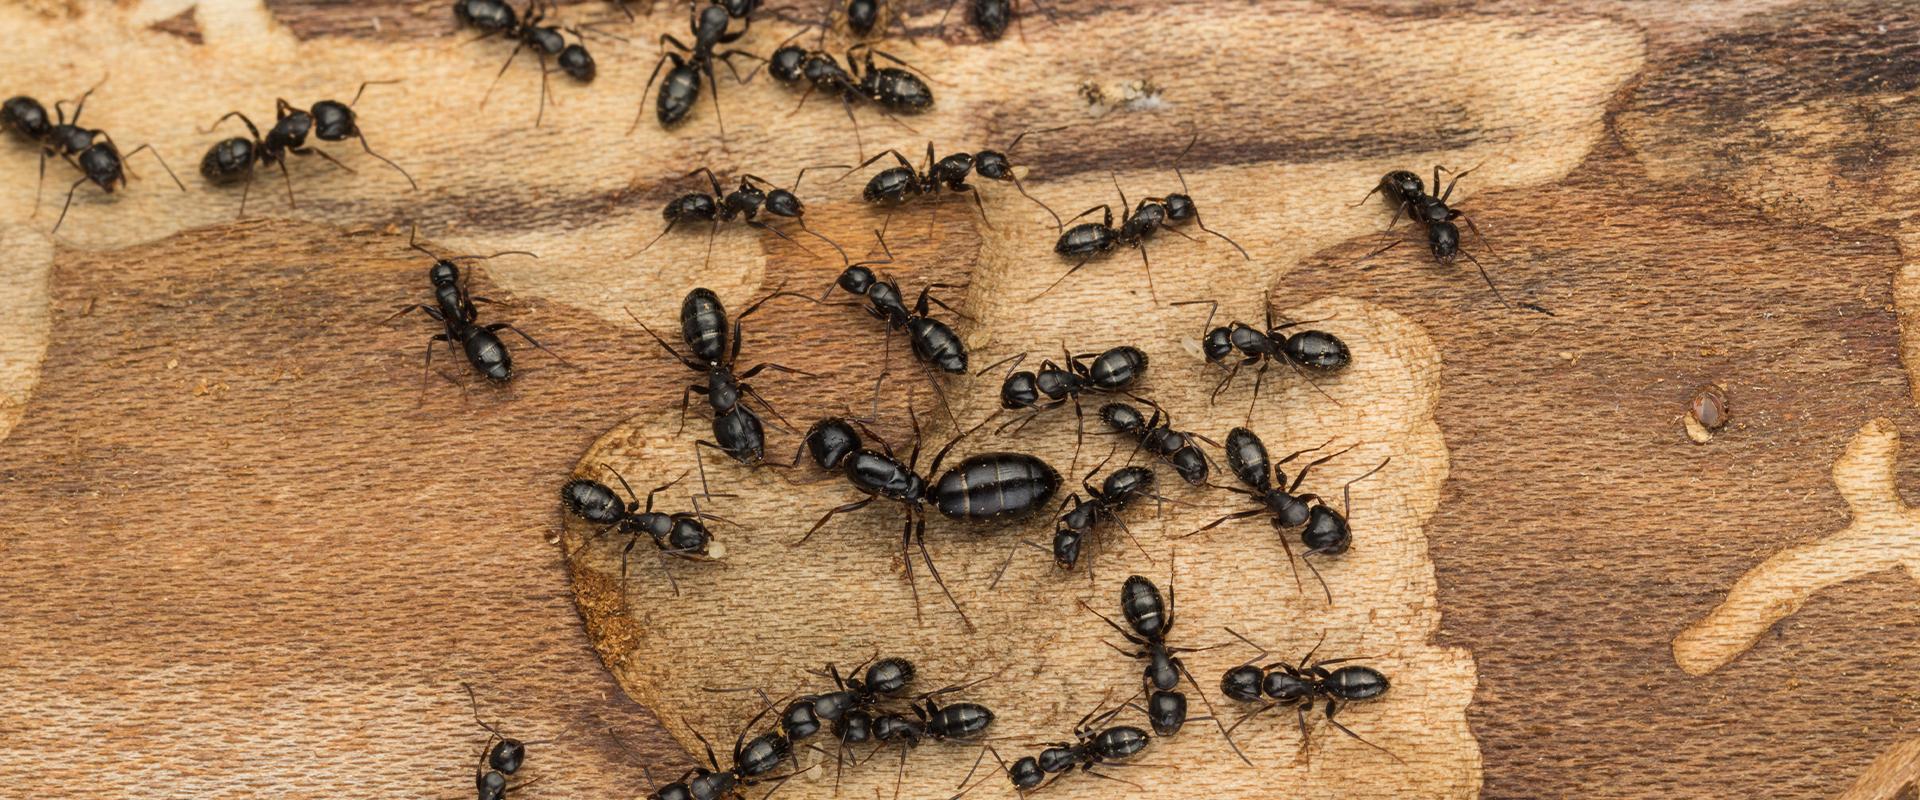 black ants on wood